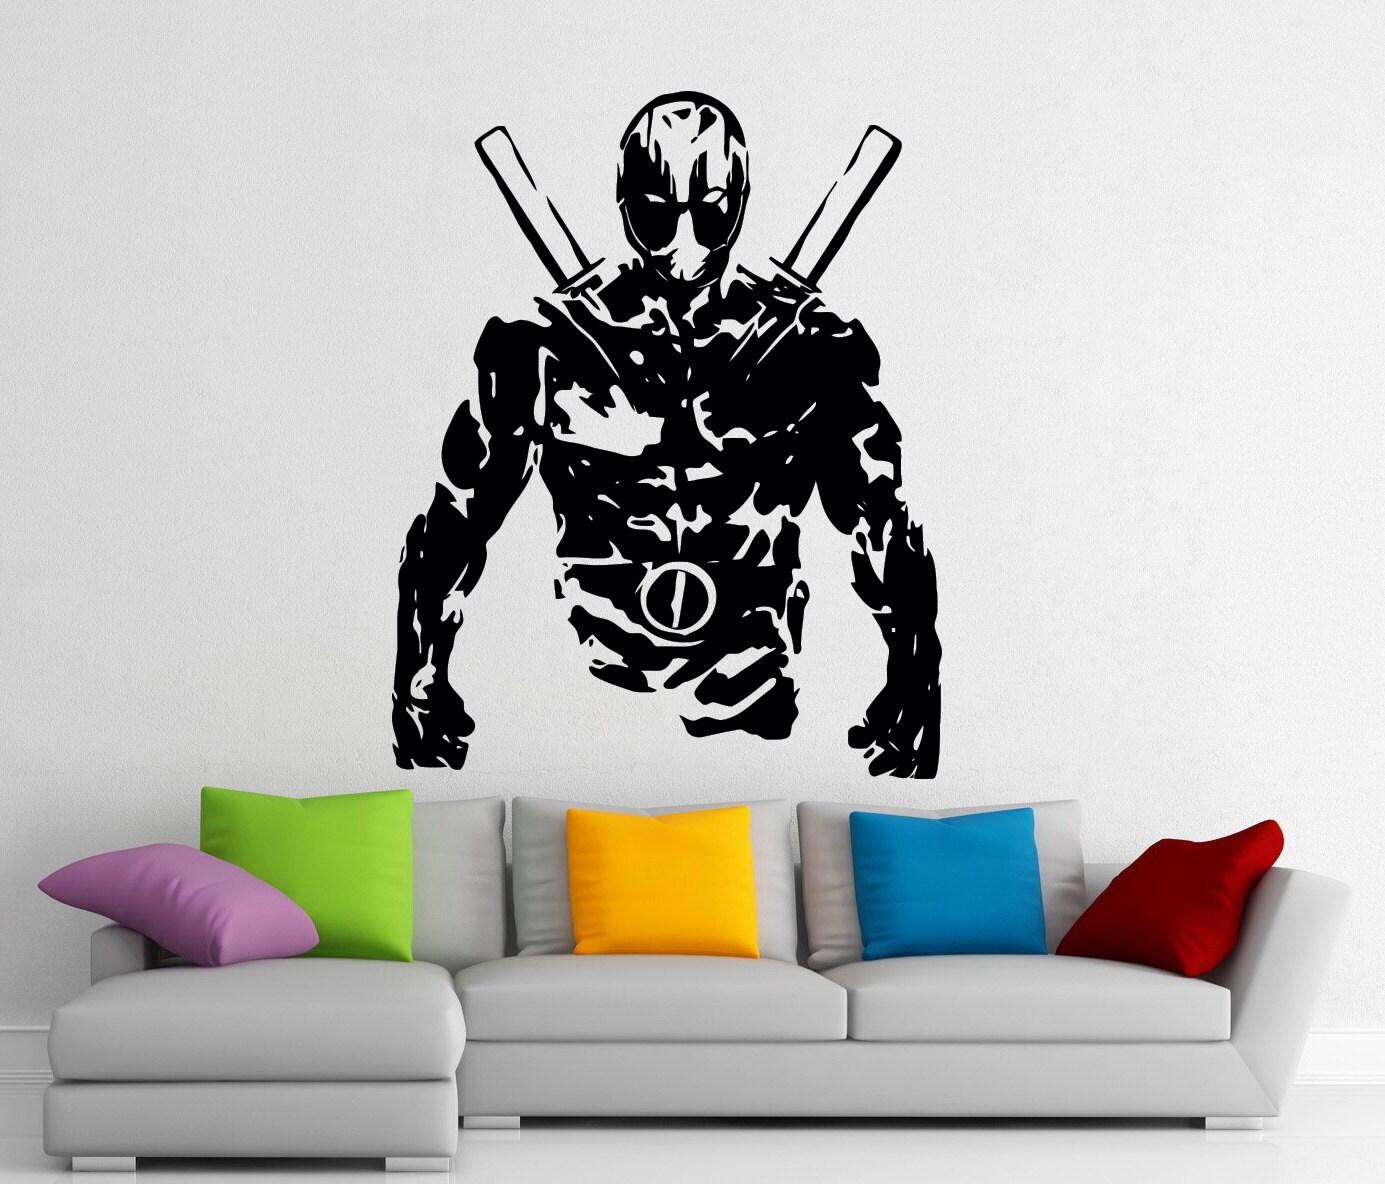 Favori Art peintures murales intérieures Deadpool pochoir Stickers WO25